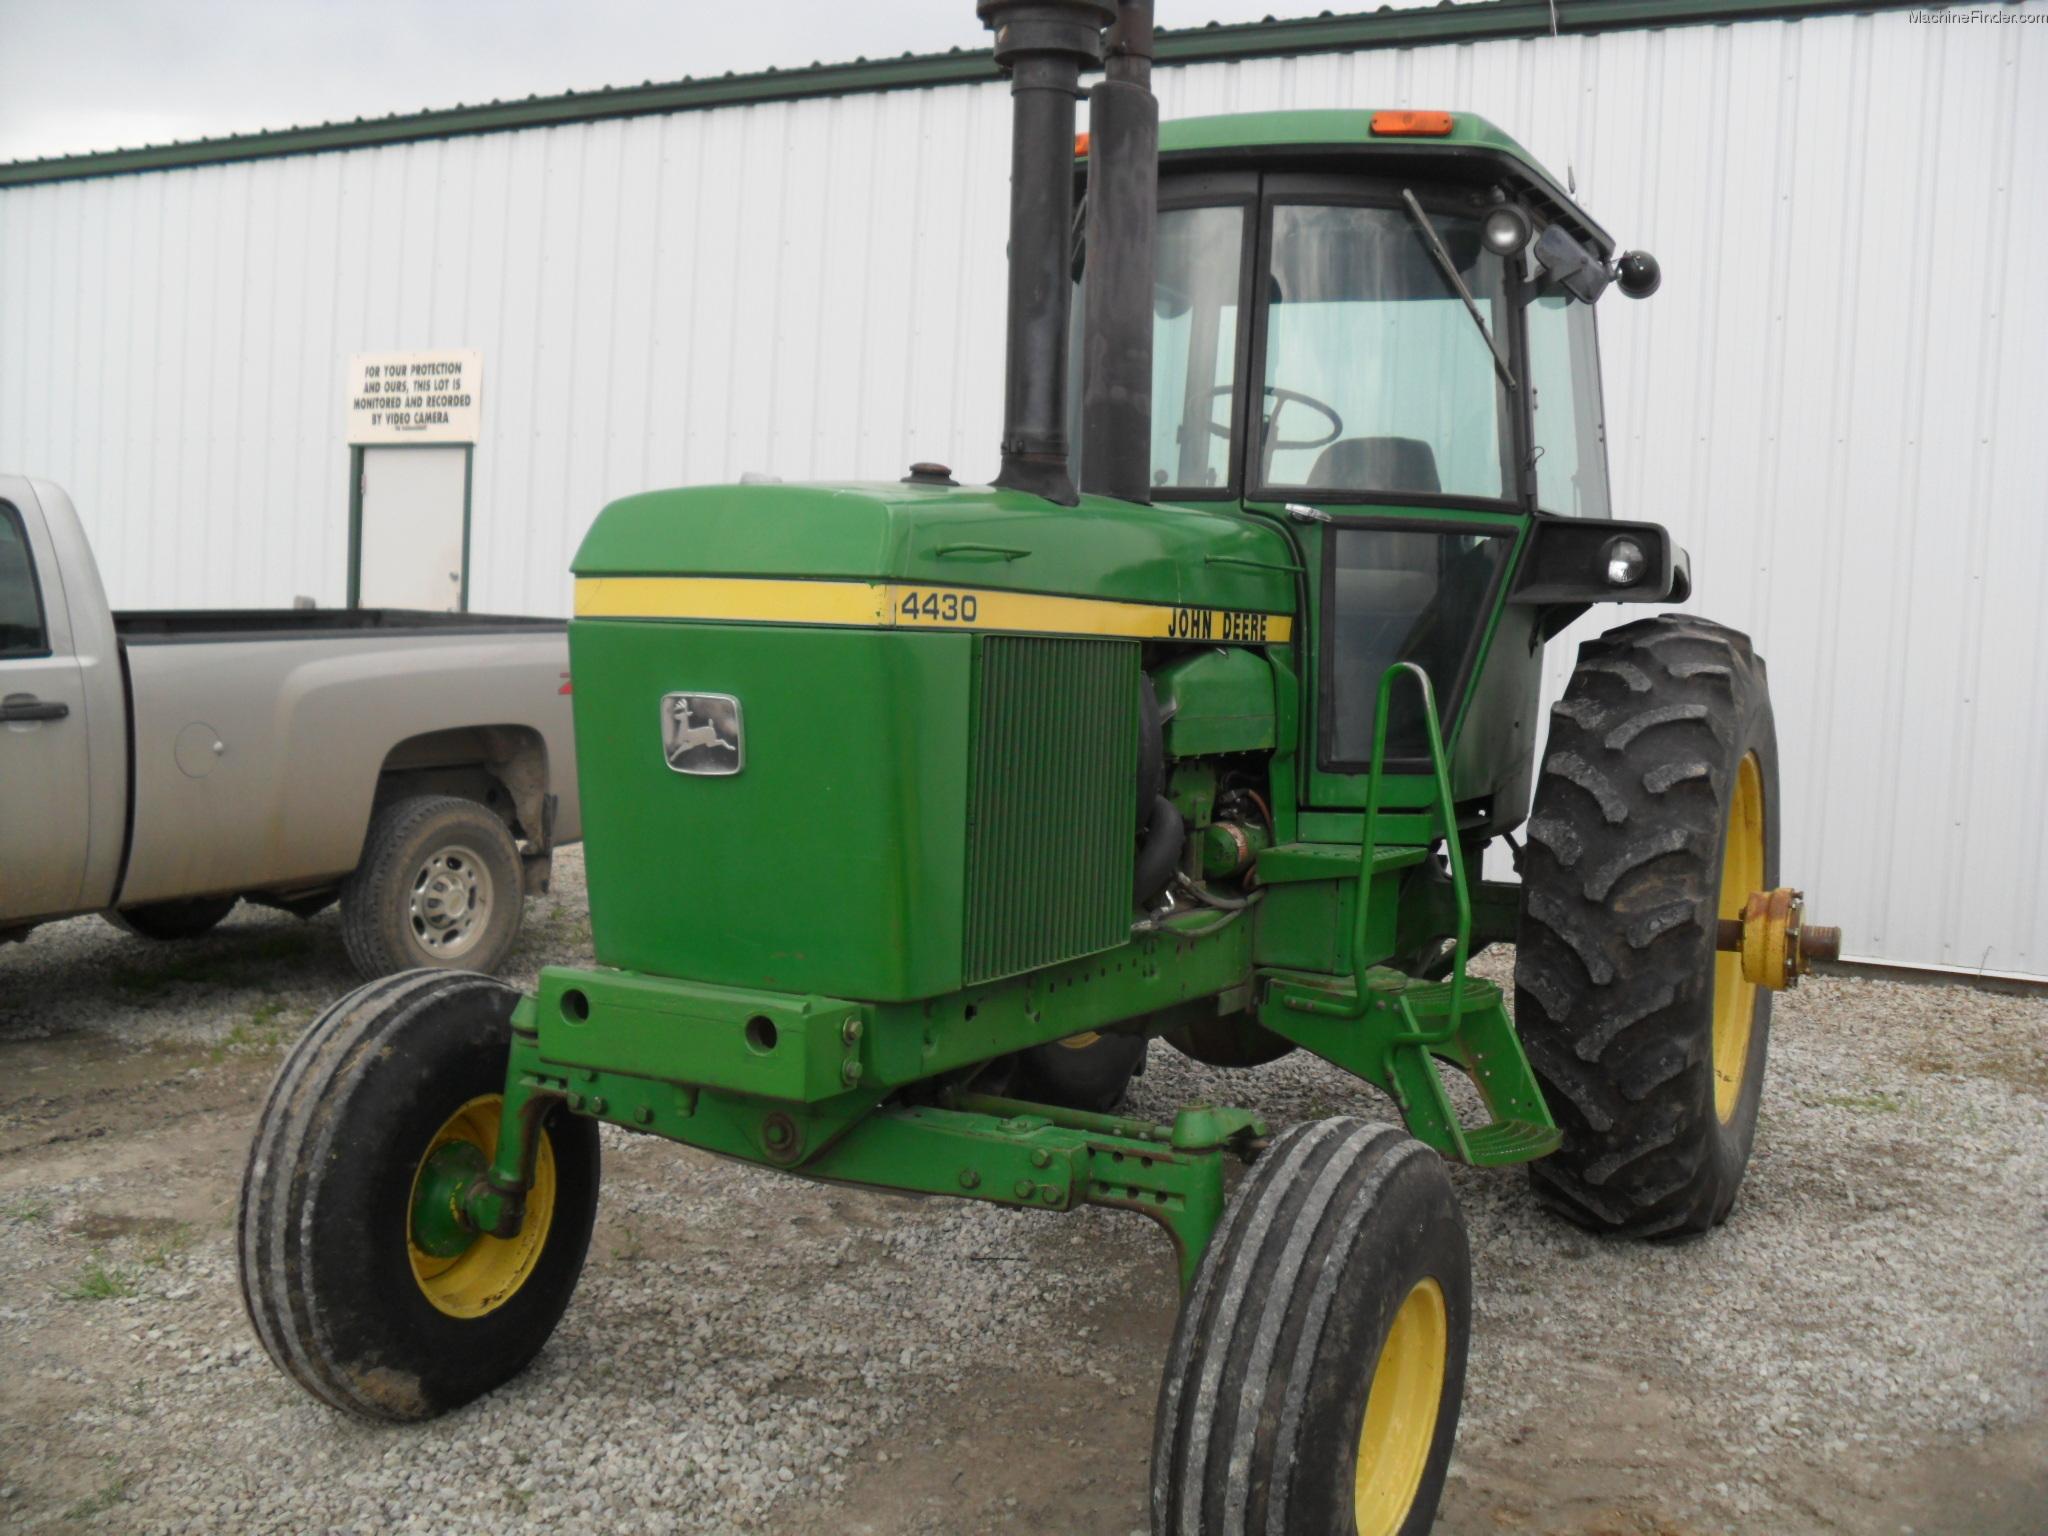 1975 John Deere 4430 Tractors Row Crop 100hp John